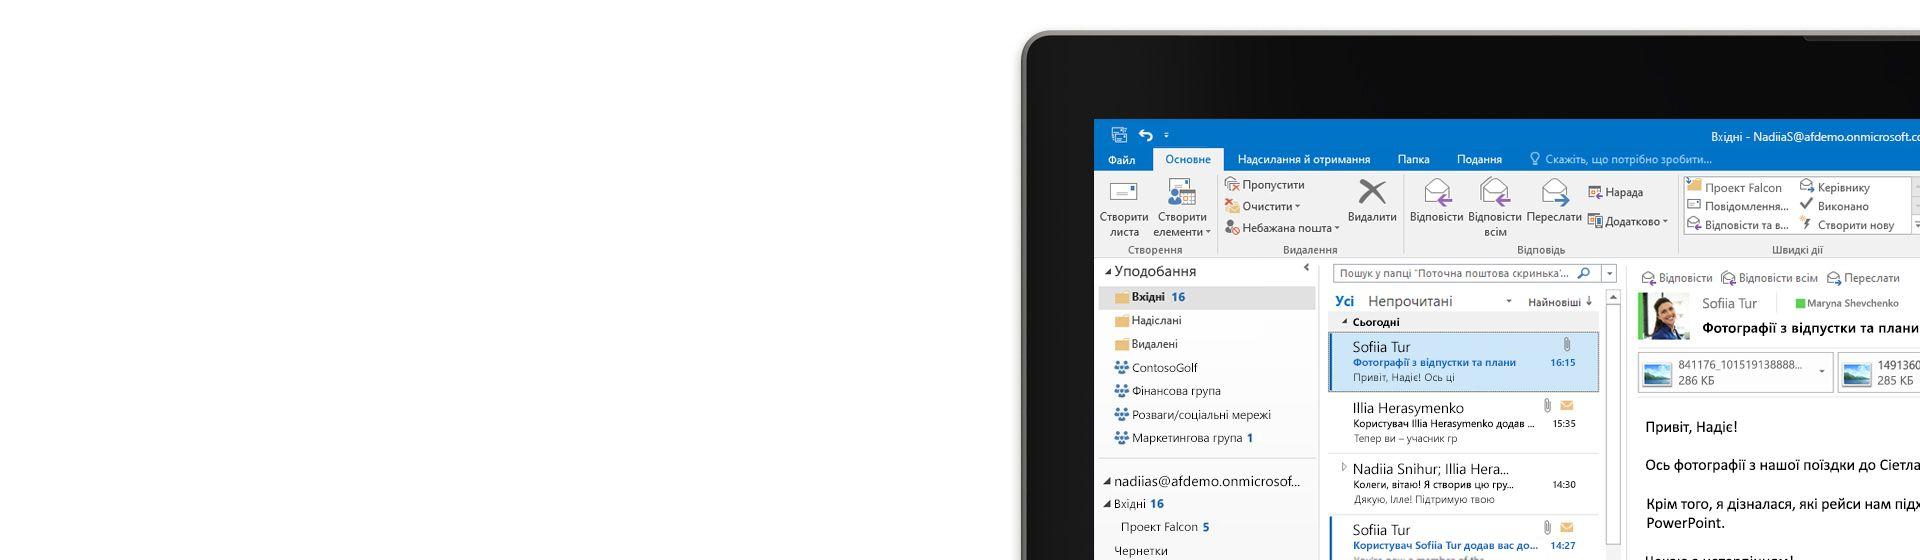 Часткове зображення класичної версії Microsoft Outlook